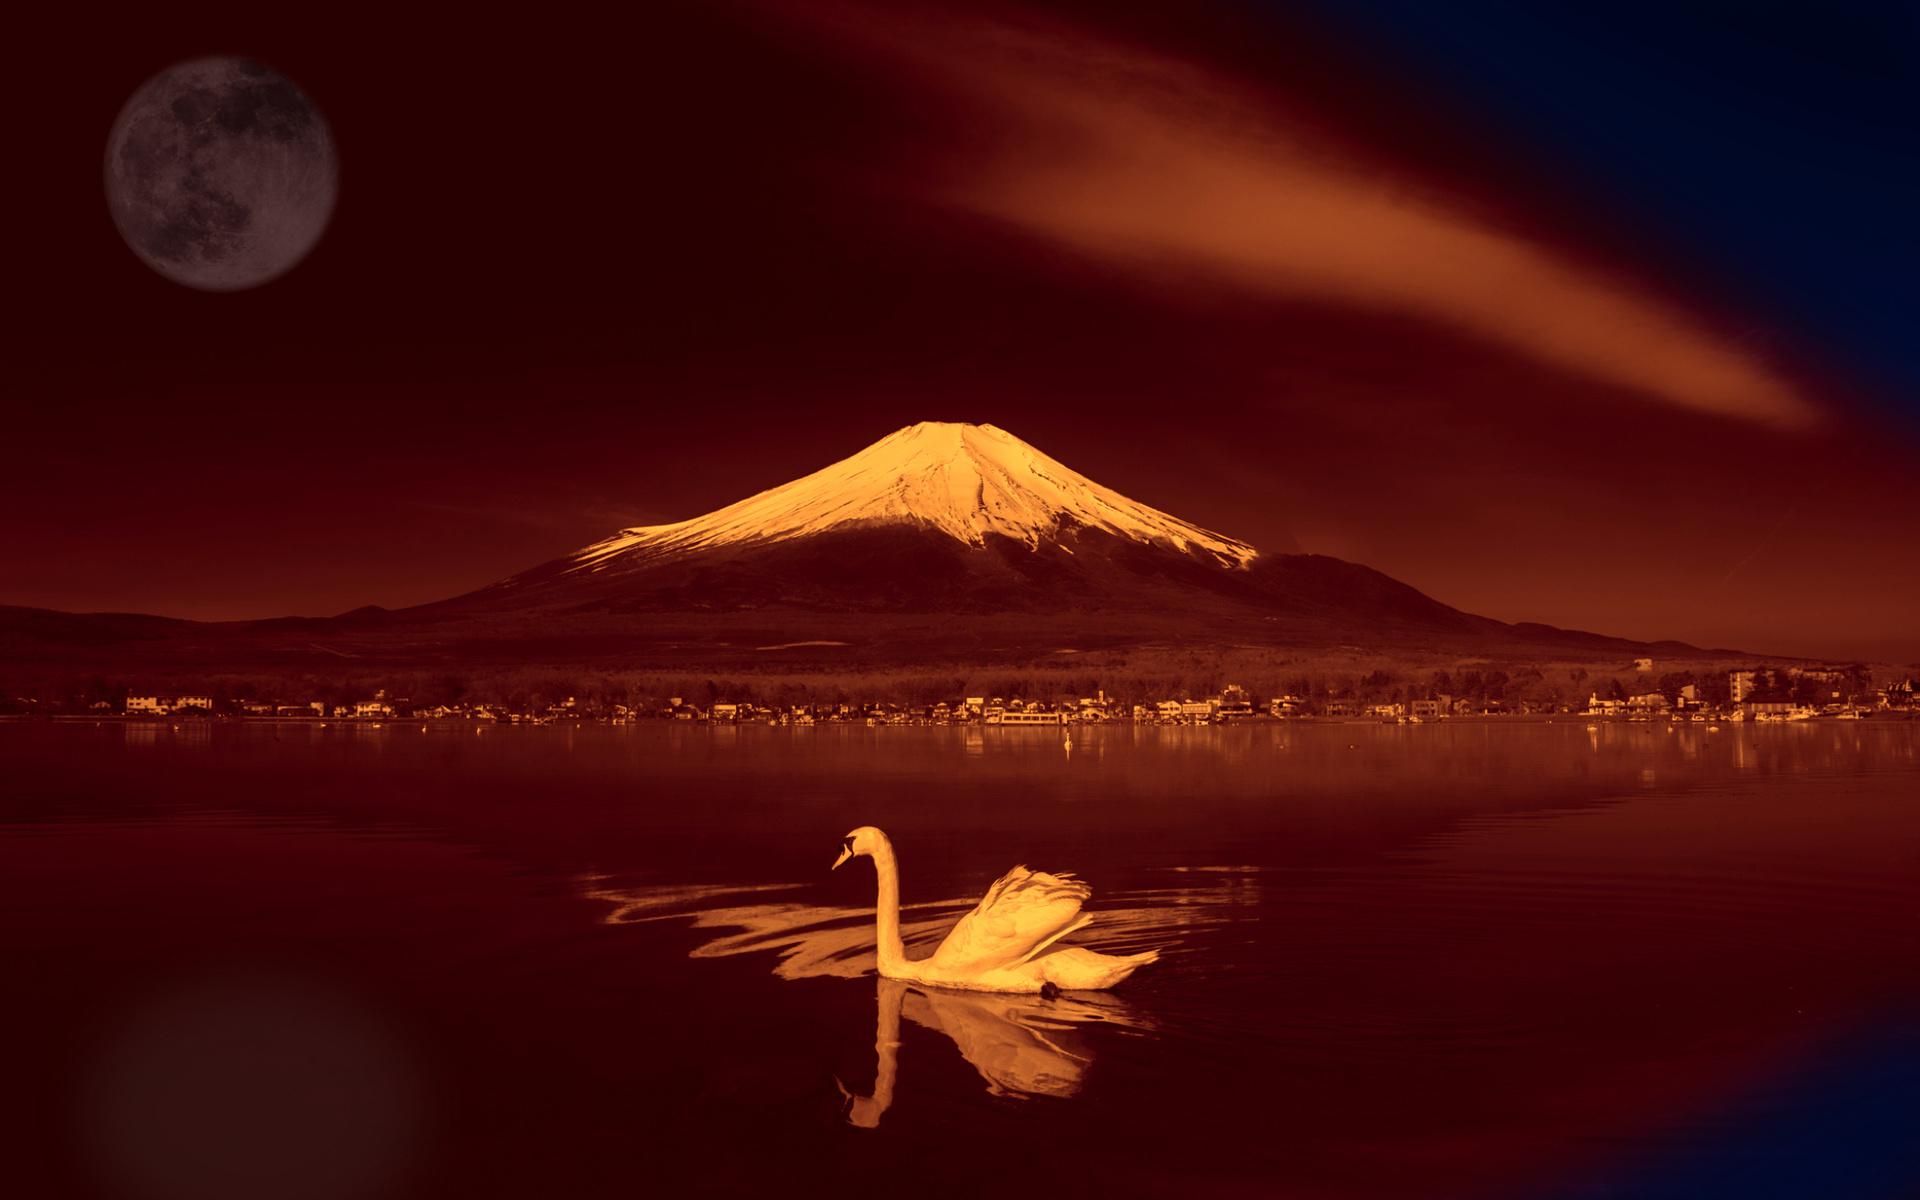 фудзияма, лебедь, Япония